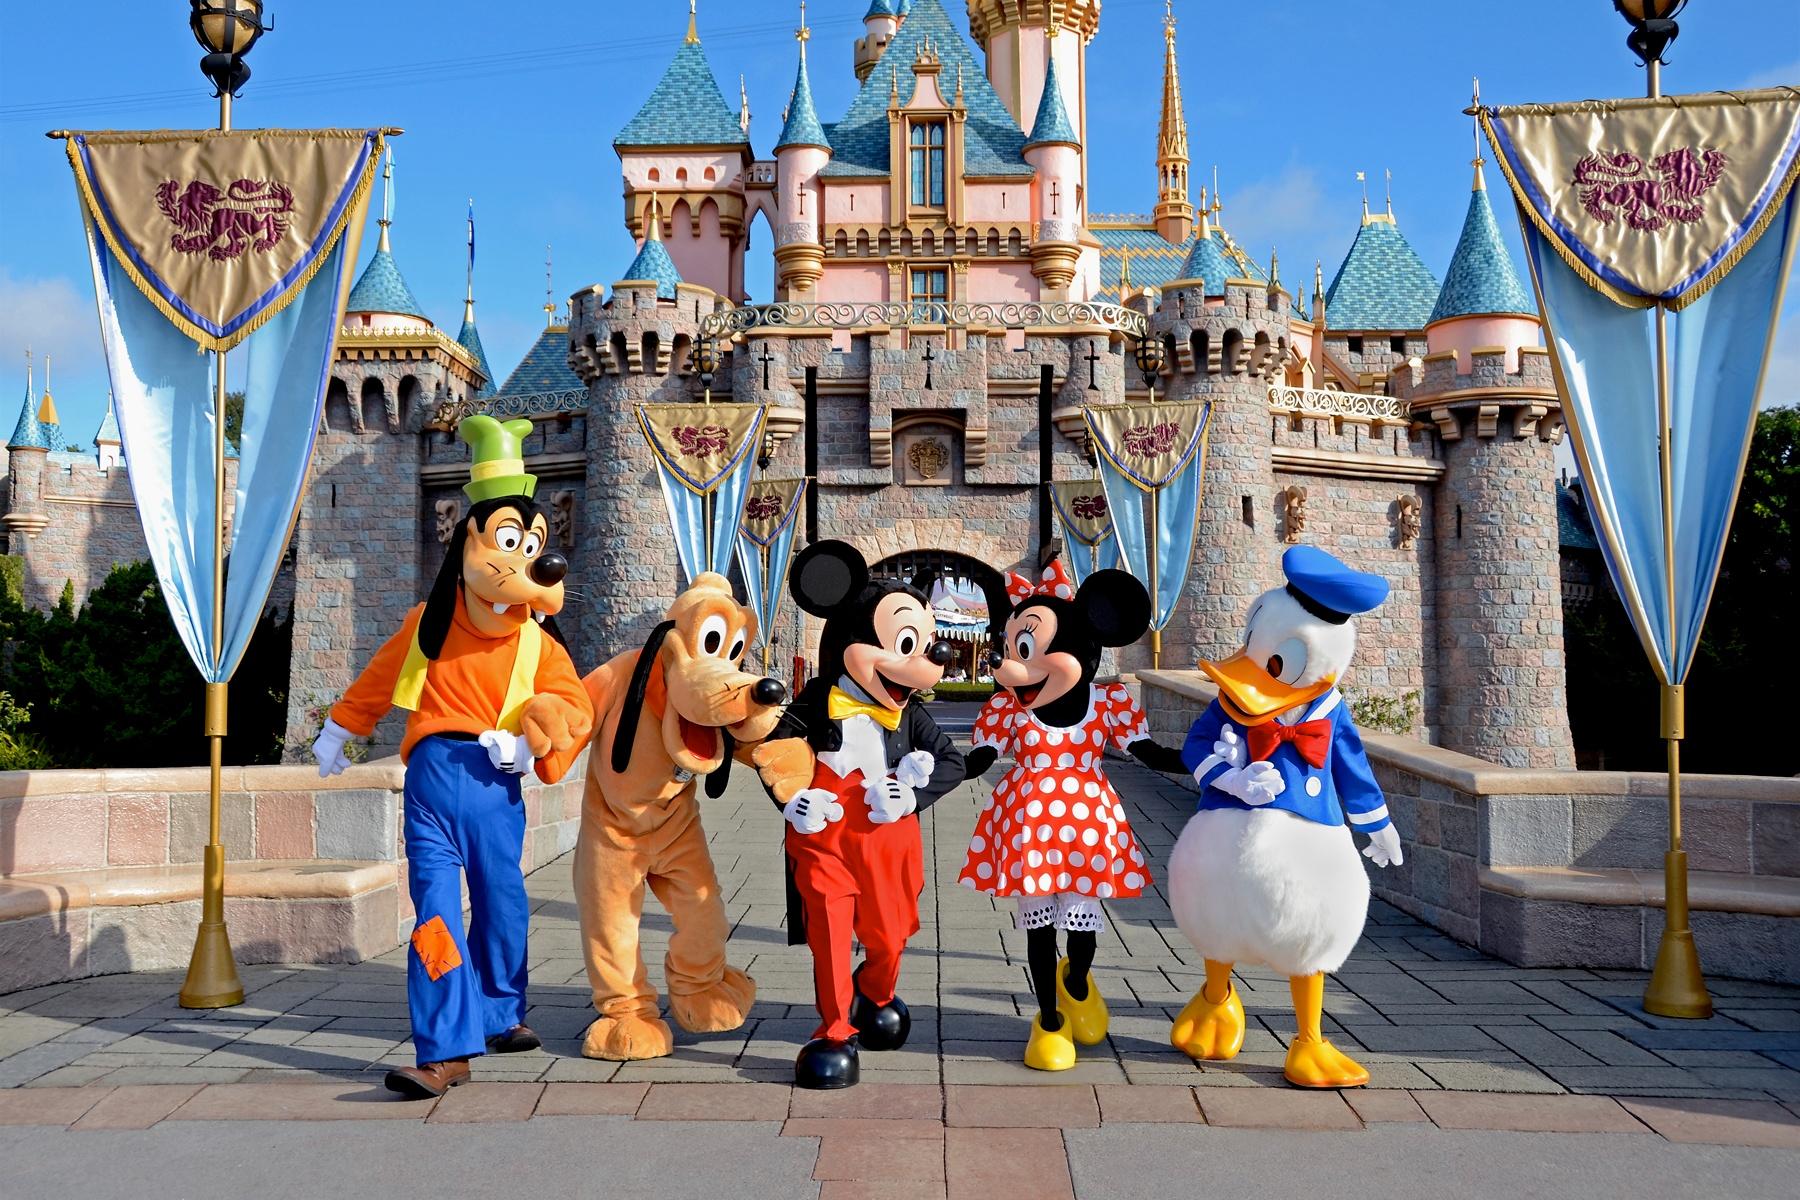 Disneyland Experiences Measles Outbreak